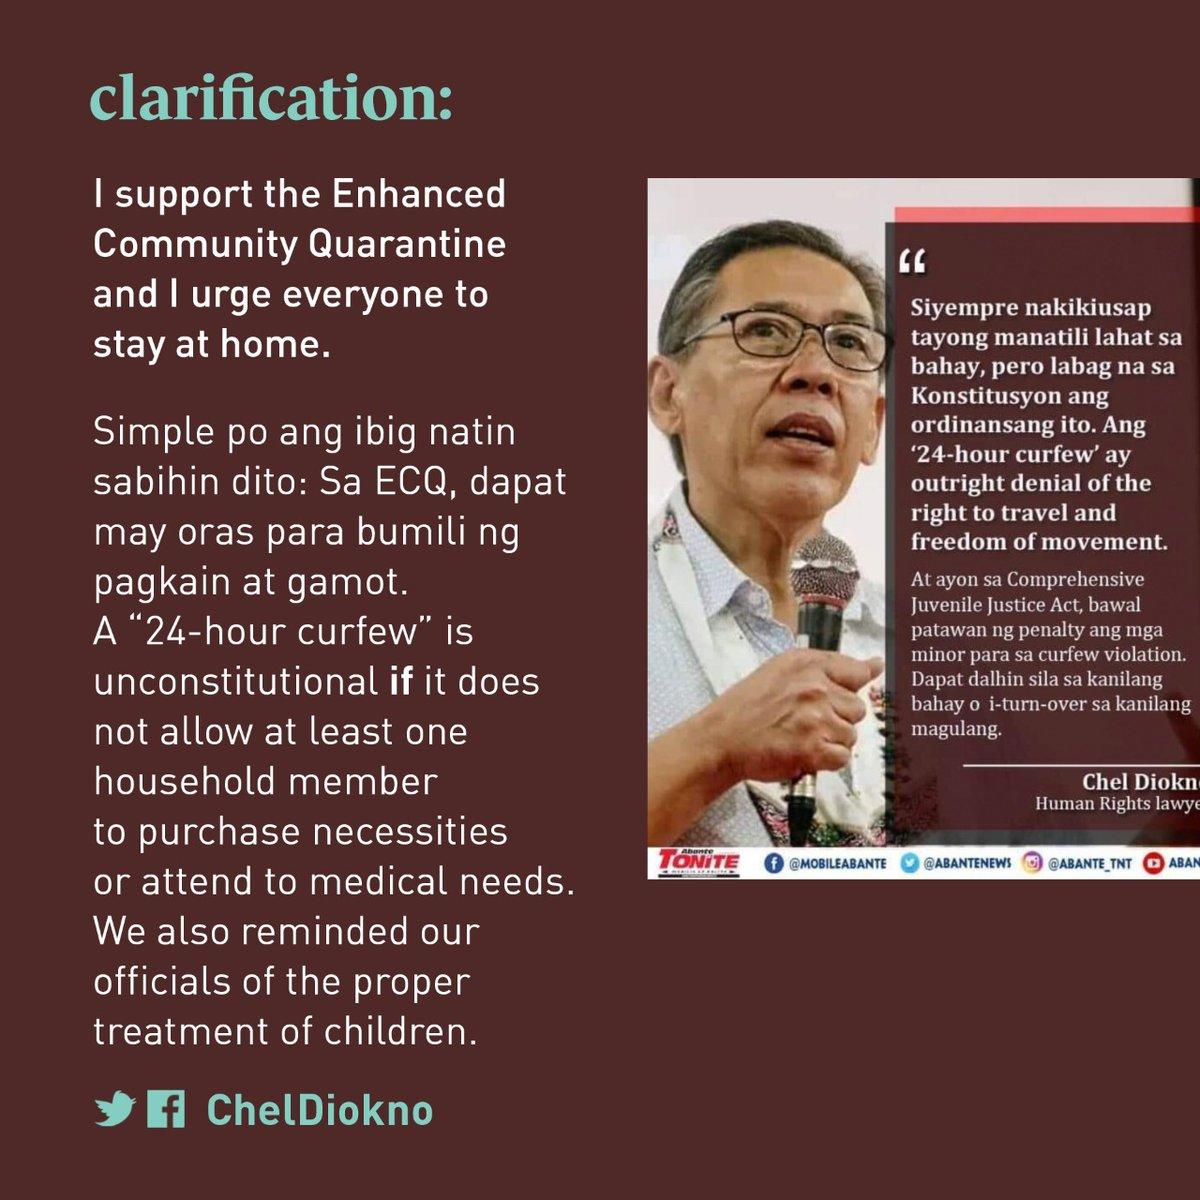 Iklaro ko lang po itong umiikot. I support the Enhanced Community Quarantine and I urge everyone to stay at home.